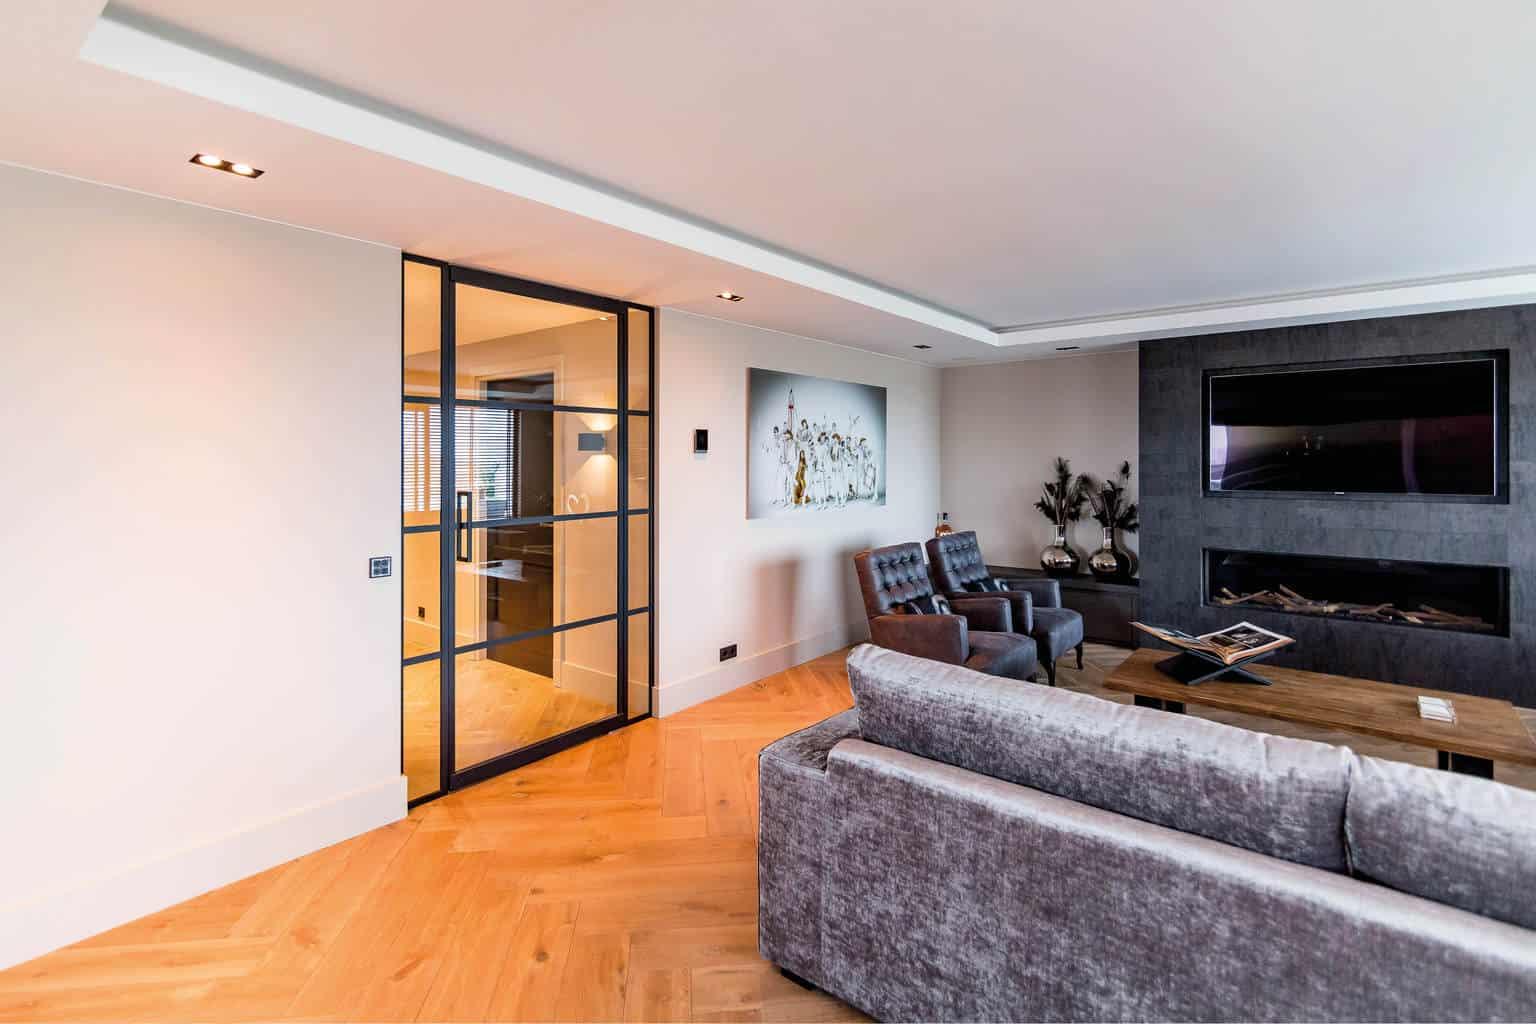 Like steel deelnemer eigen huis beurs utrecht glass inside for Huis en interieur beurs